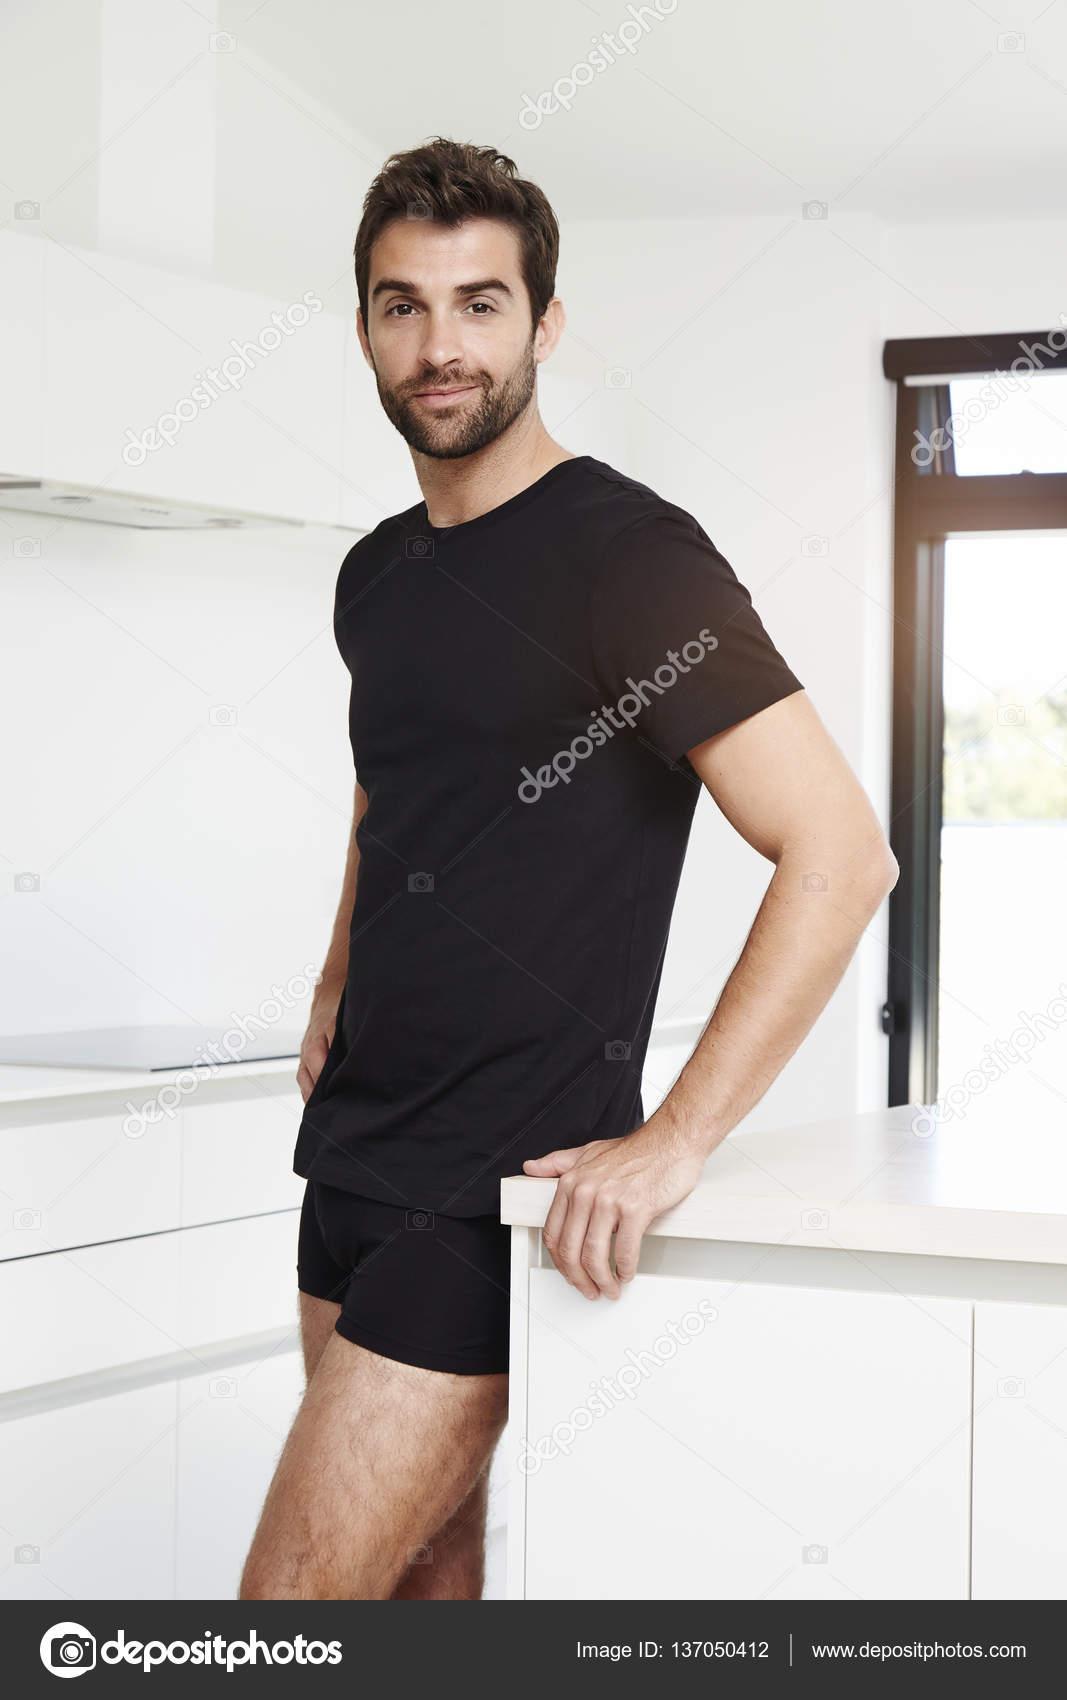 923d4fafb9c6 Fotos: negros guapo | Hombre en calzoncillos negros en cocina — Foto ...